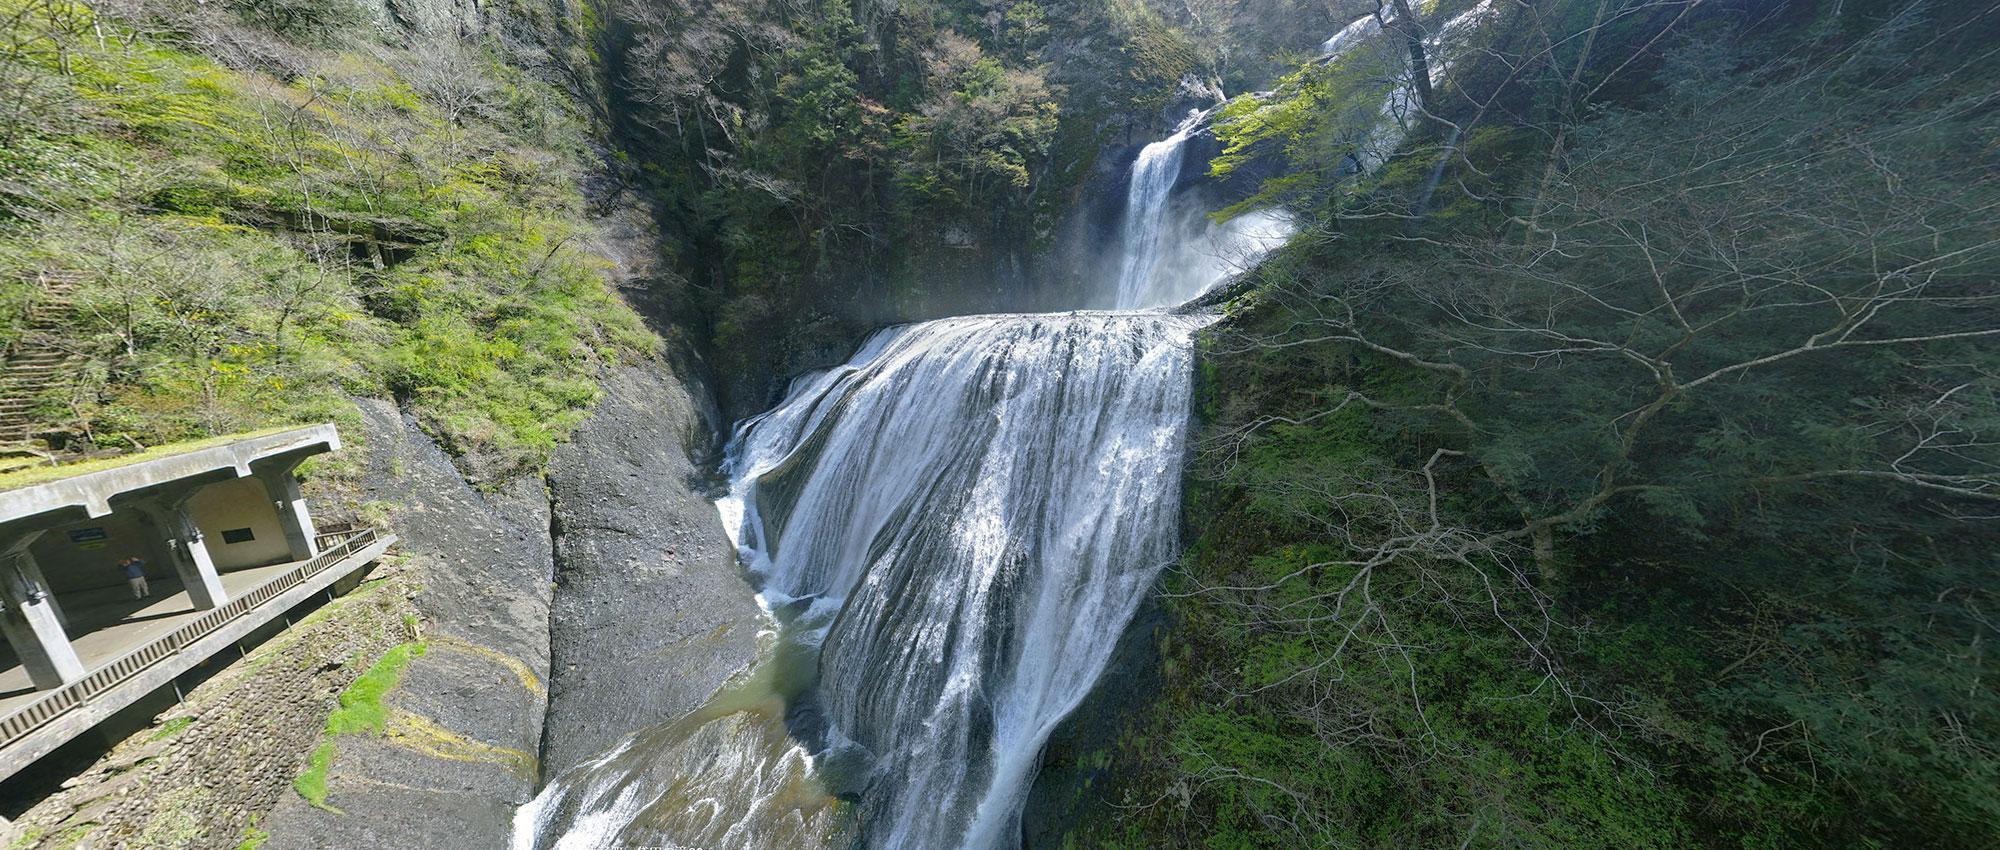 観光名所の袋田の滝の写真